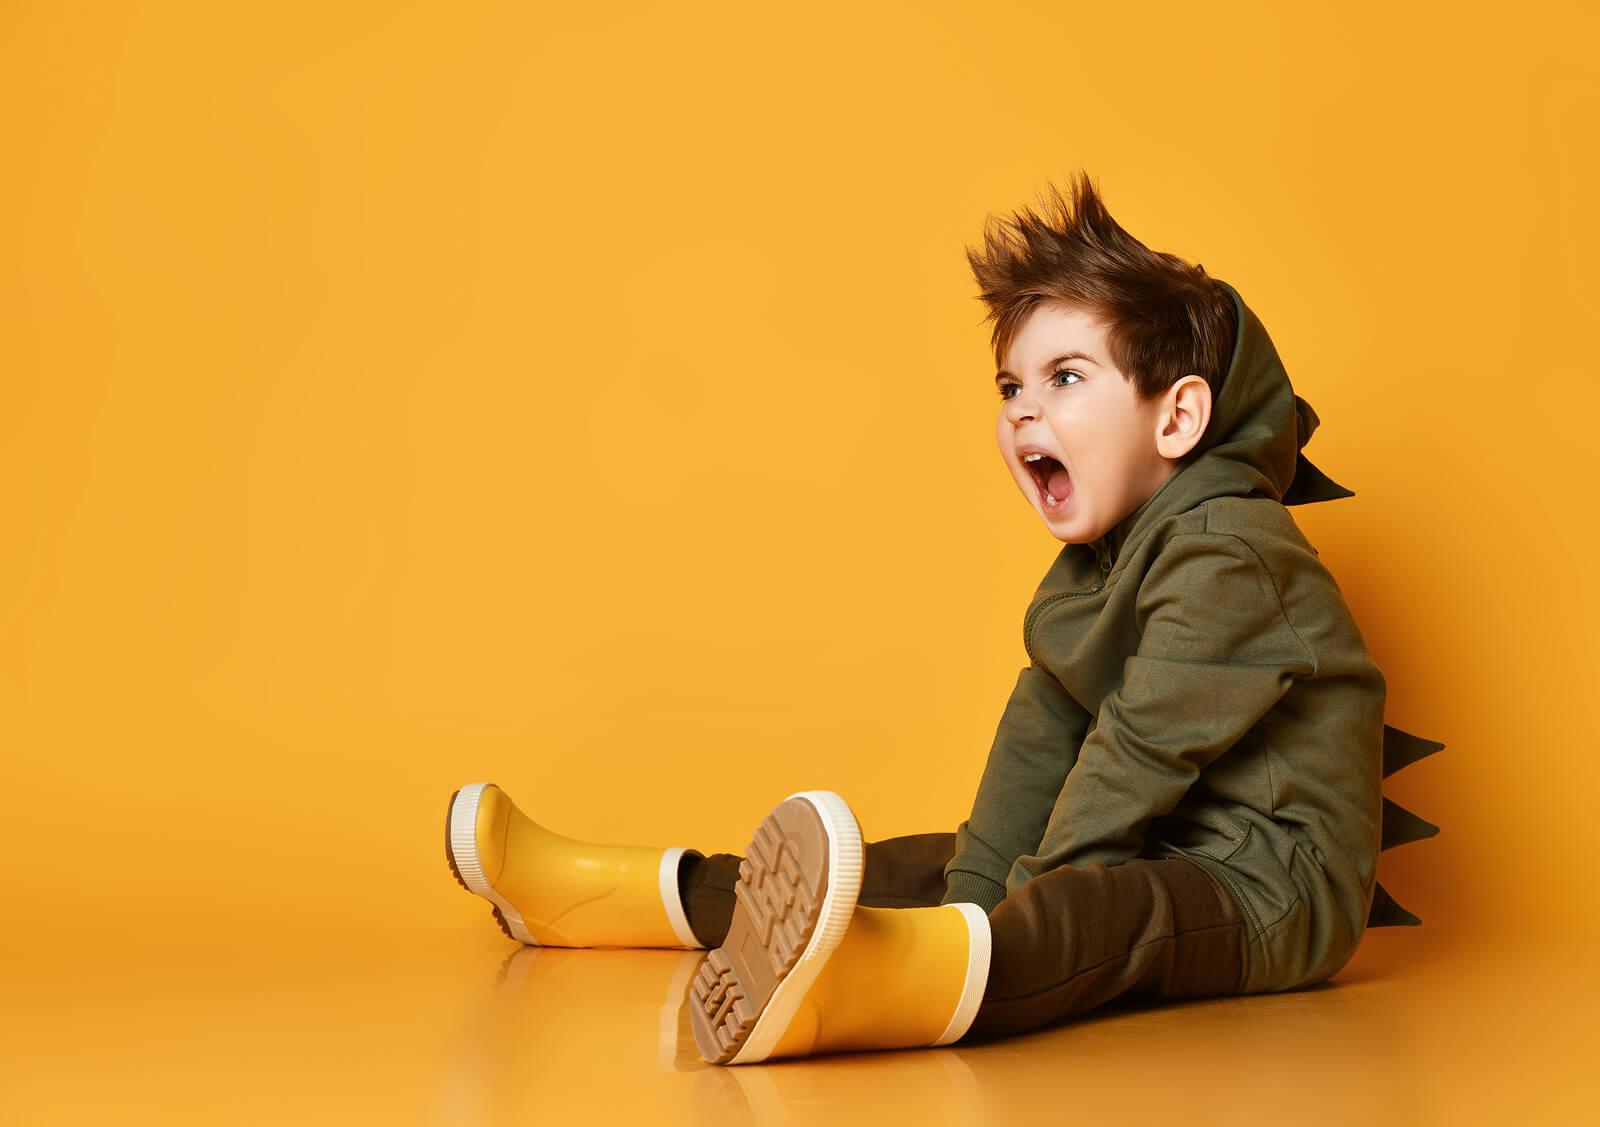 Niño chillando porque sus padres intentar evitar que insulte.